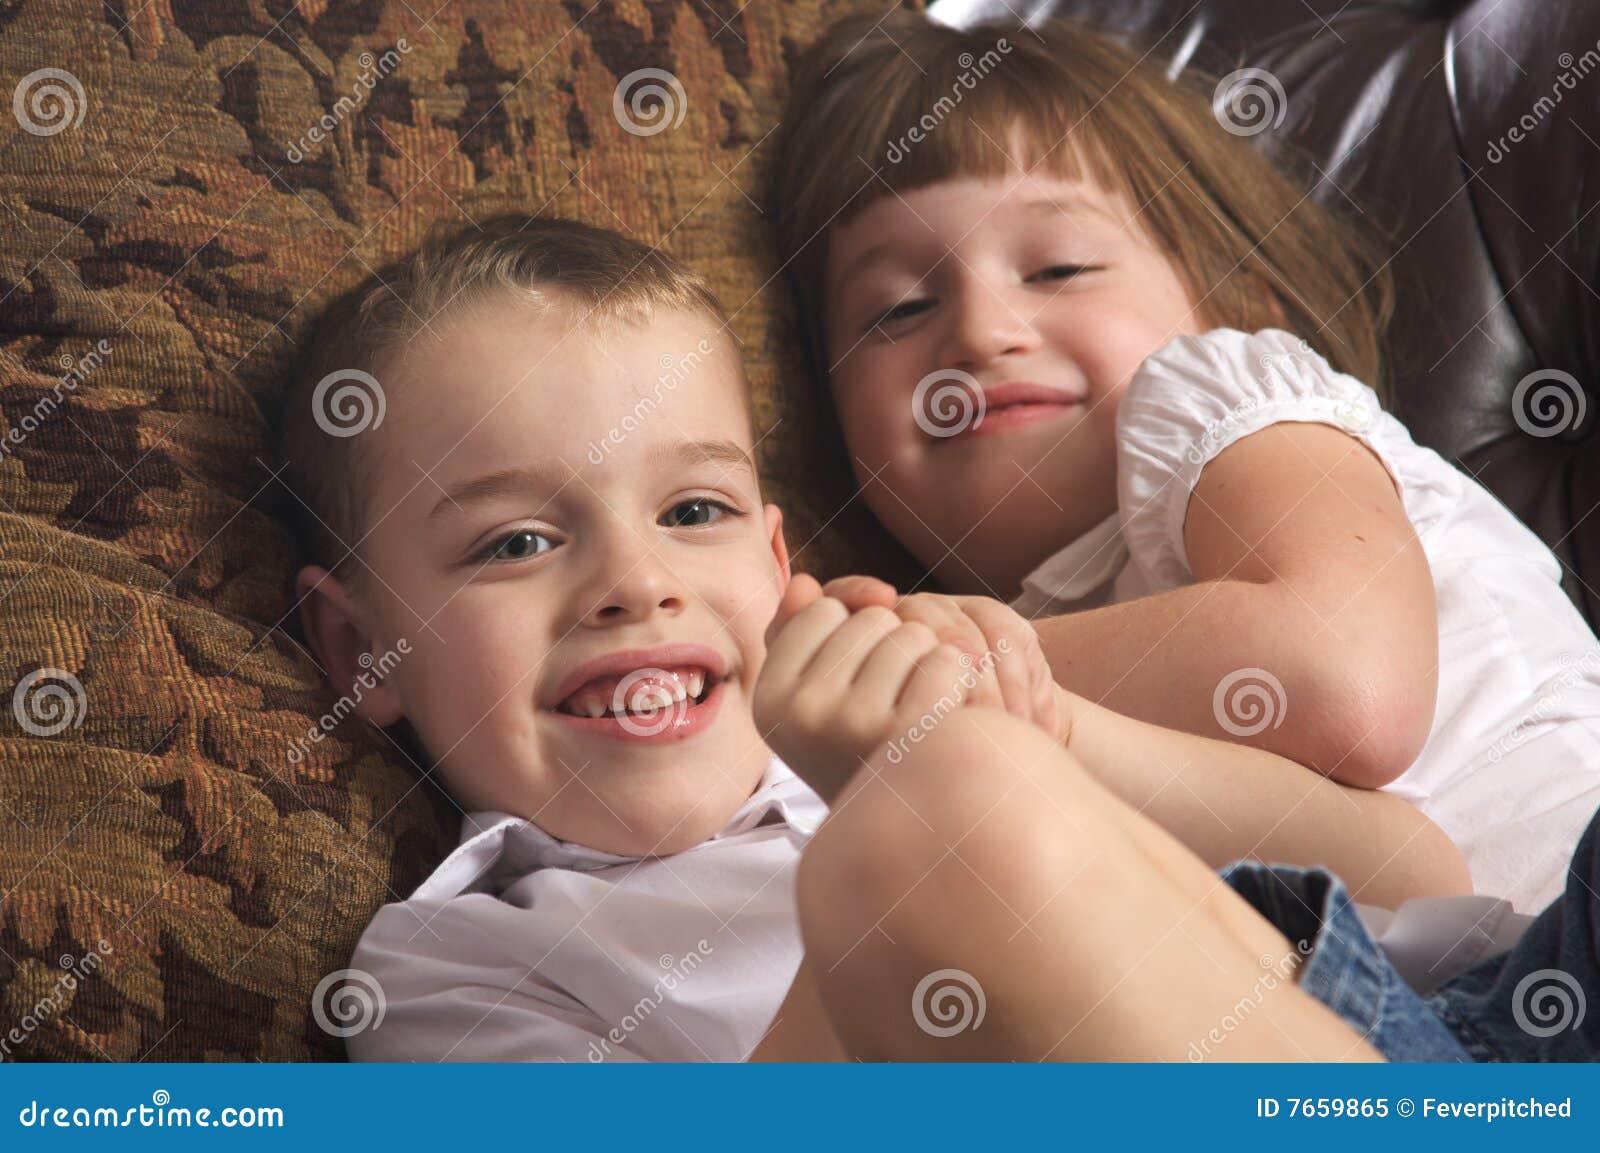 Смотреть секс брат и сестра онлайн, Инцест брат и сестра - смотреть лучшее порно. Ебалка 25 фотография